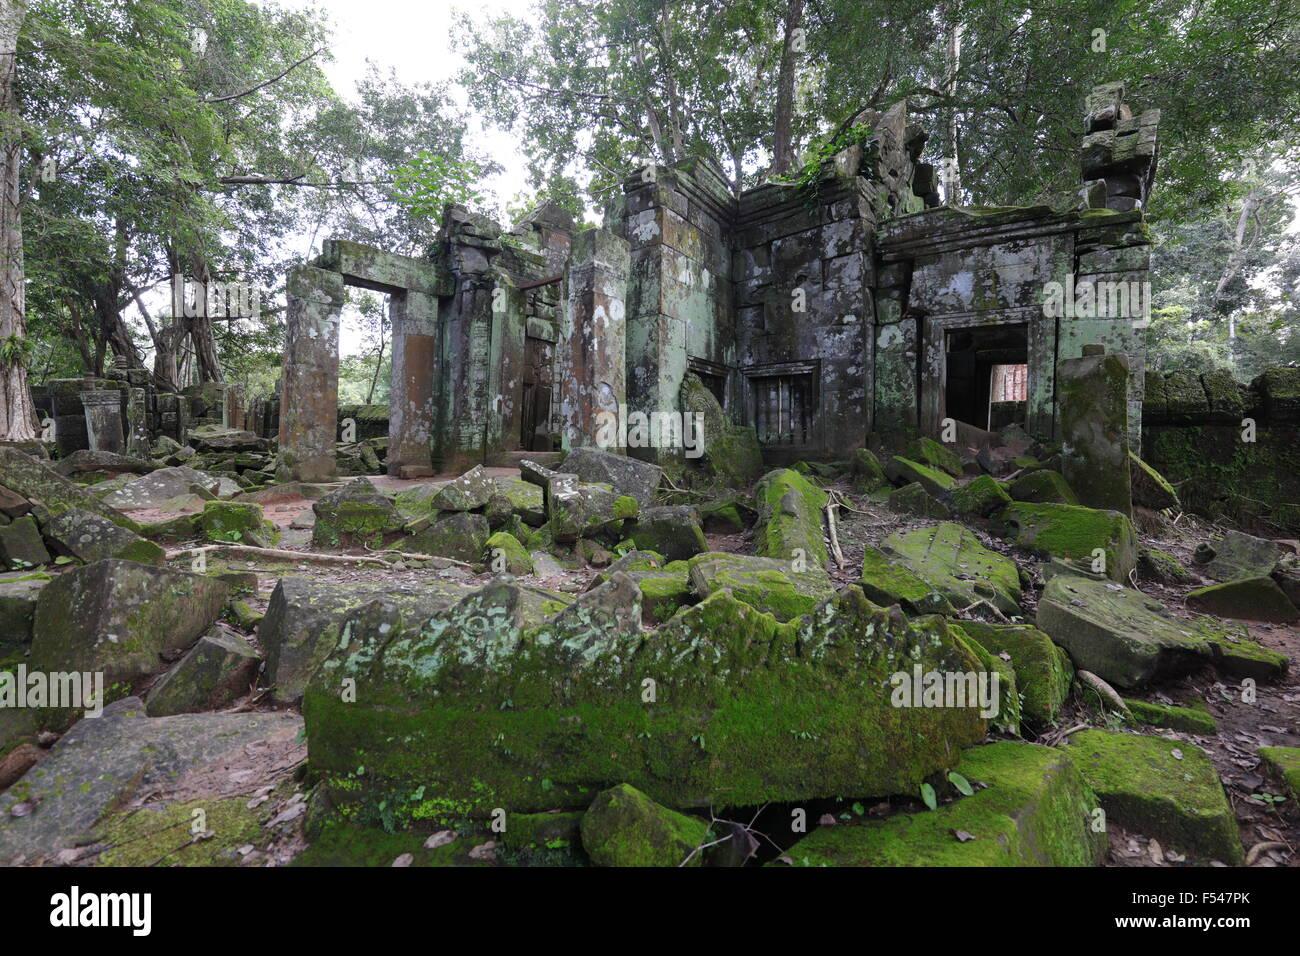 Temple ruin in Koh Ker - Stock Image